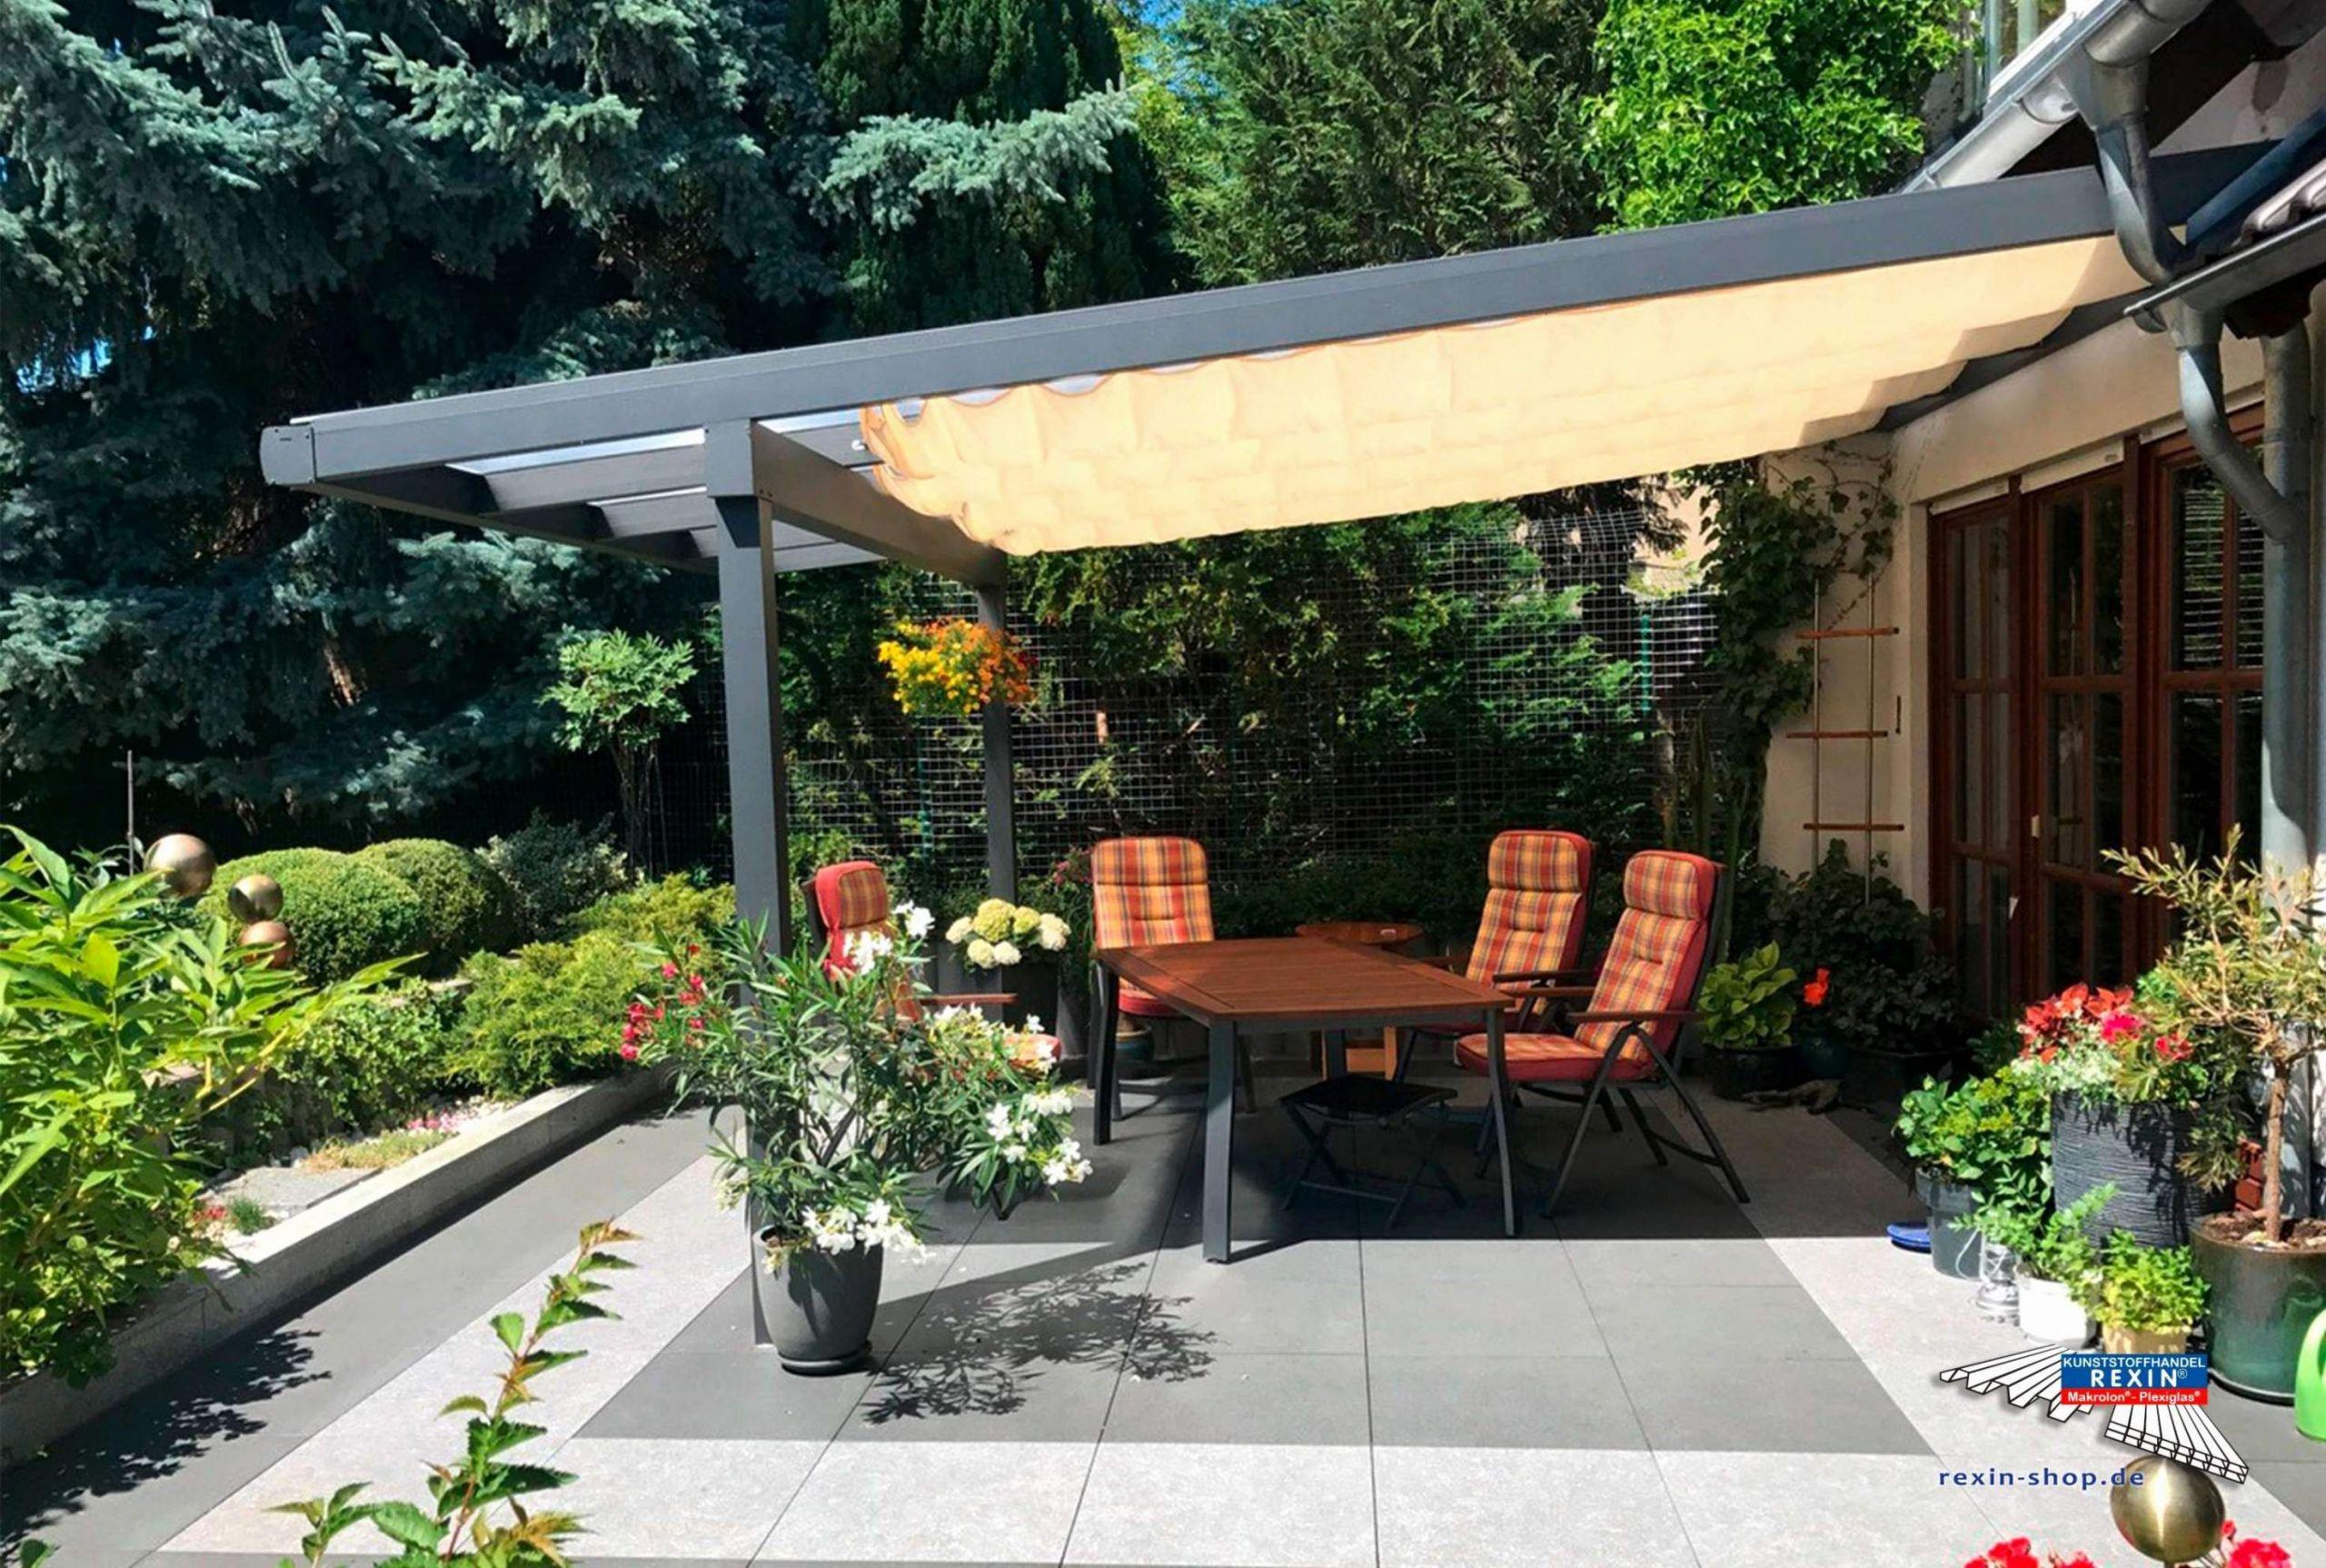 37 luxus garten sonnenschutz sonnenschutz im garten sonnenschutz im garten